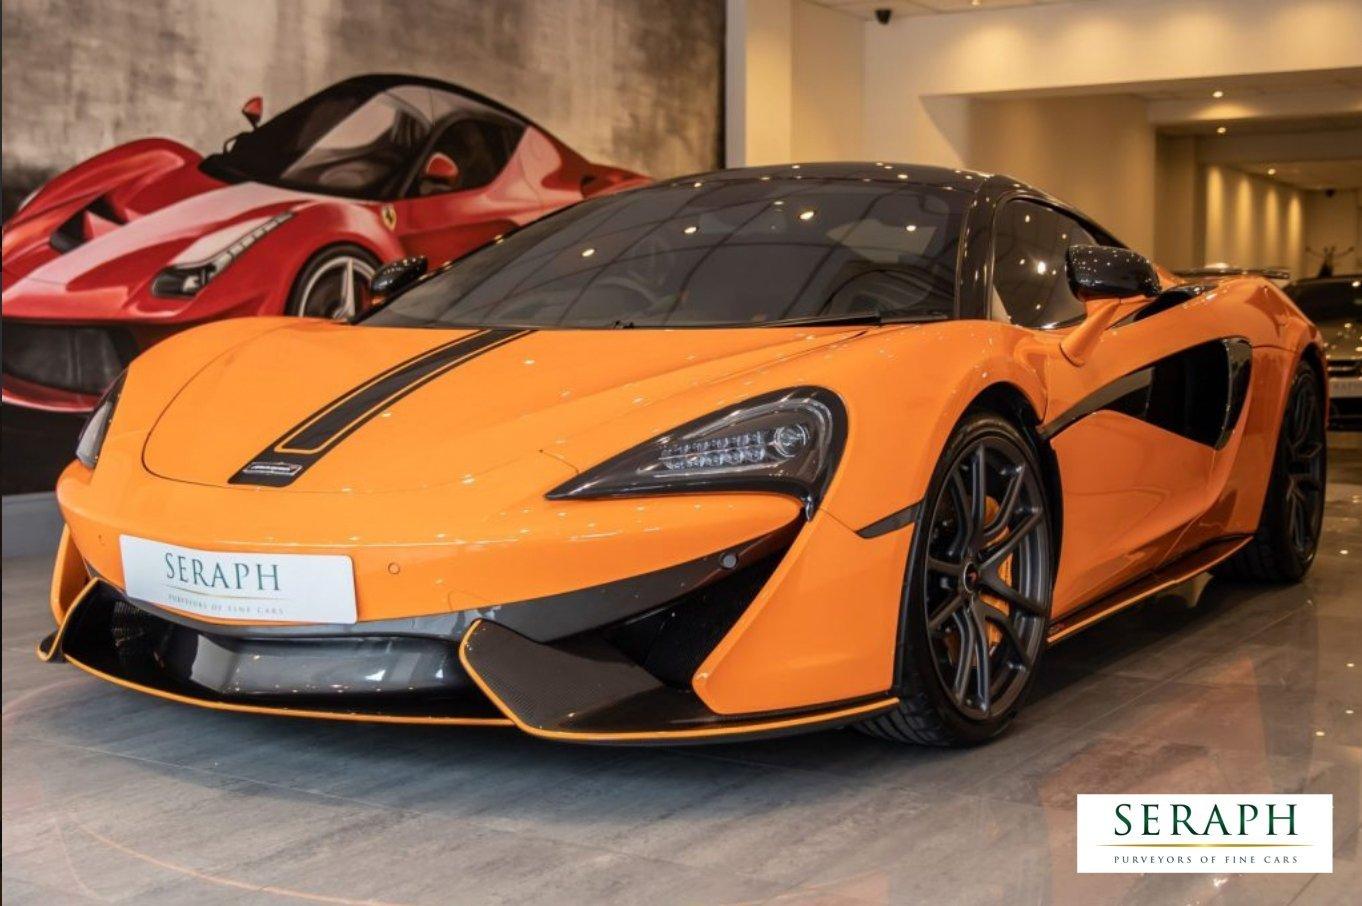 2017 66 McLaren 570S 3.8 V8 SSG 2dr Coupe